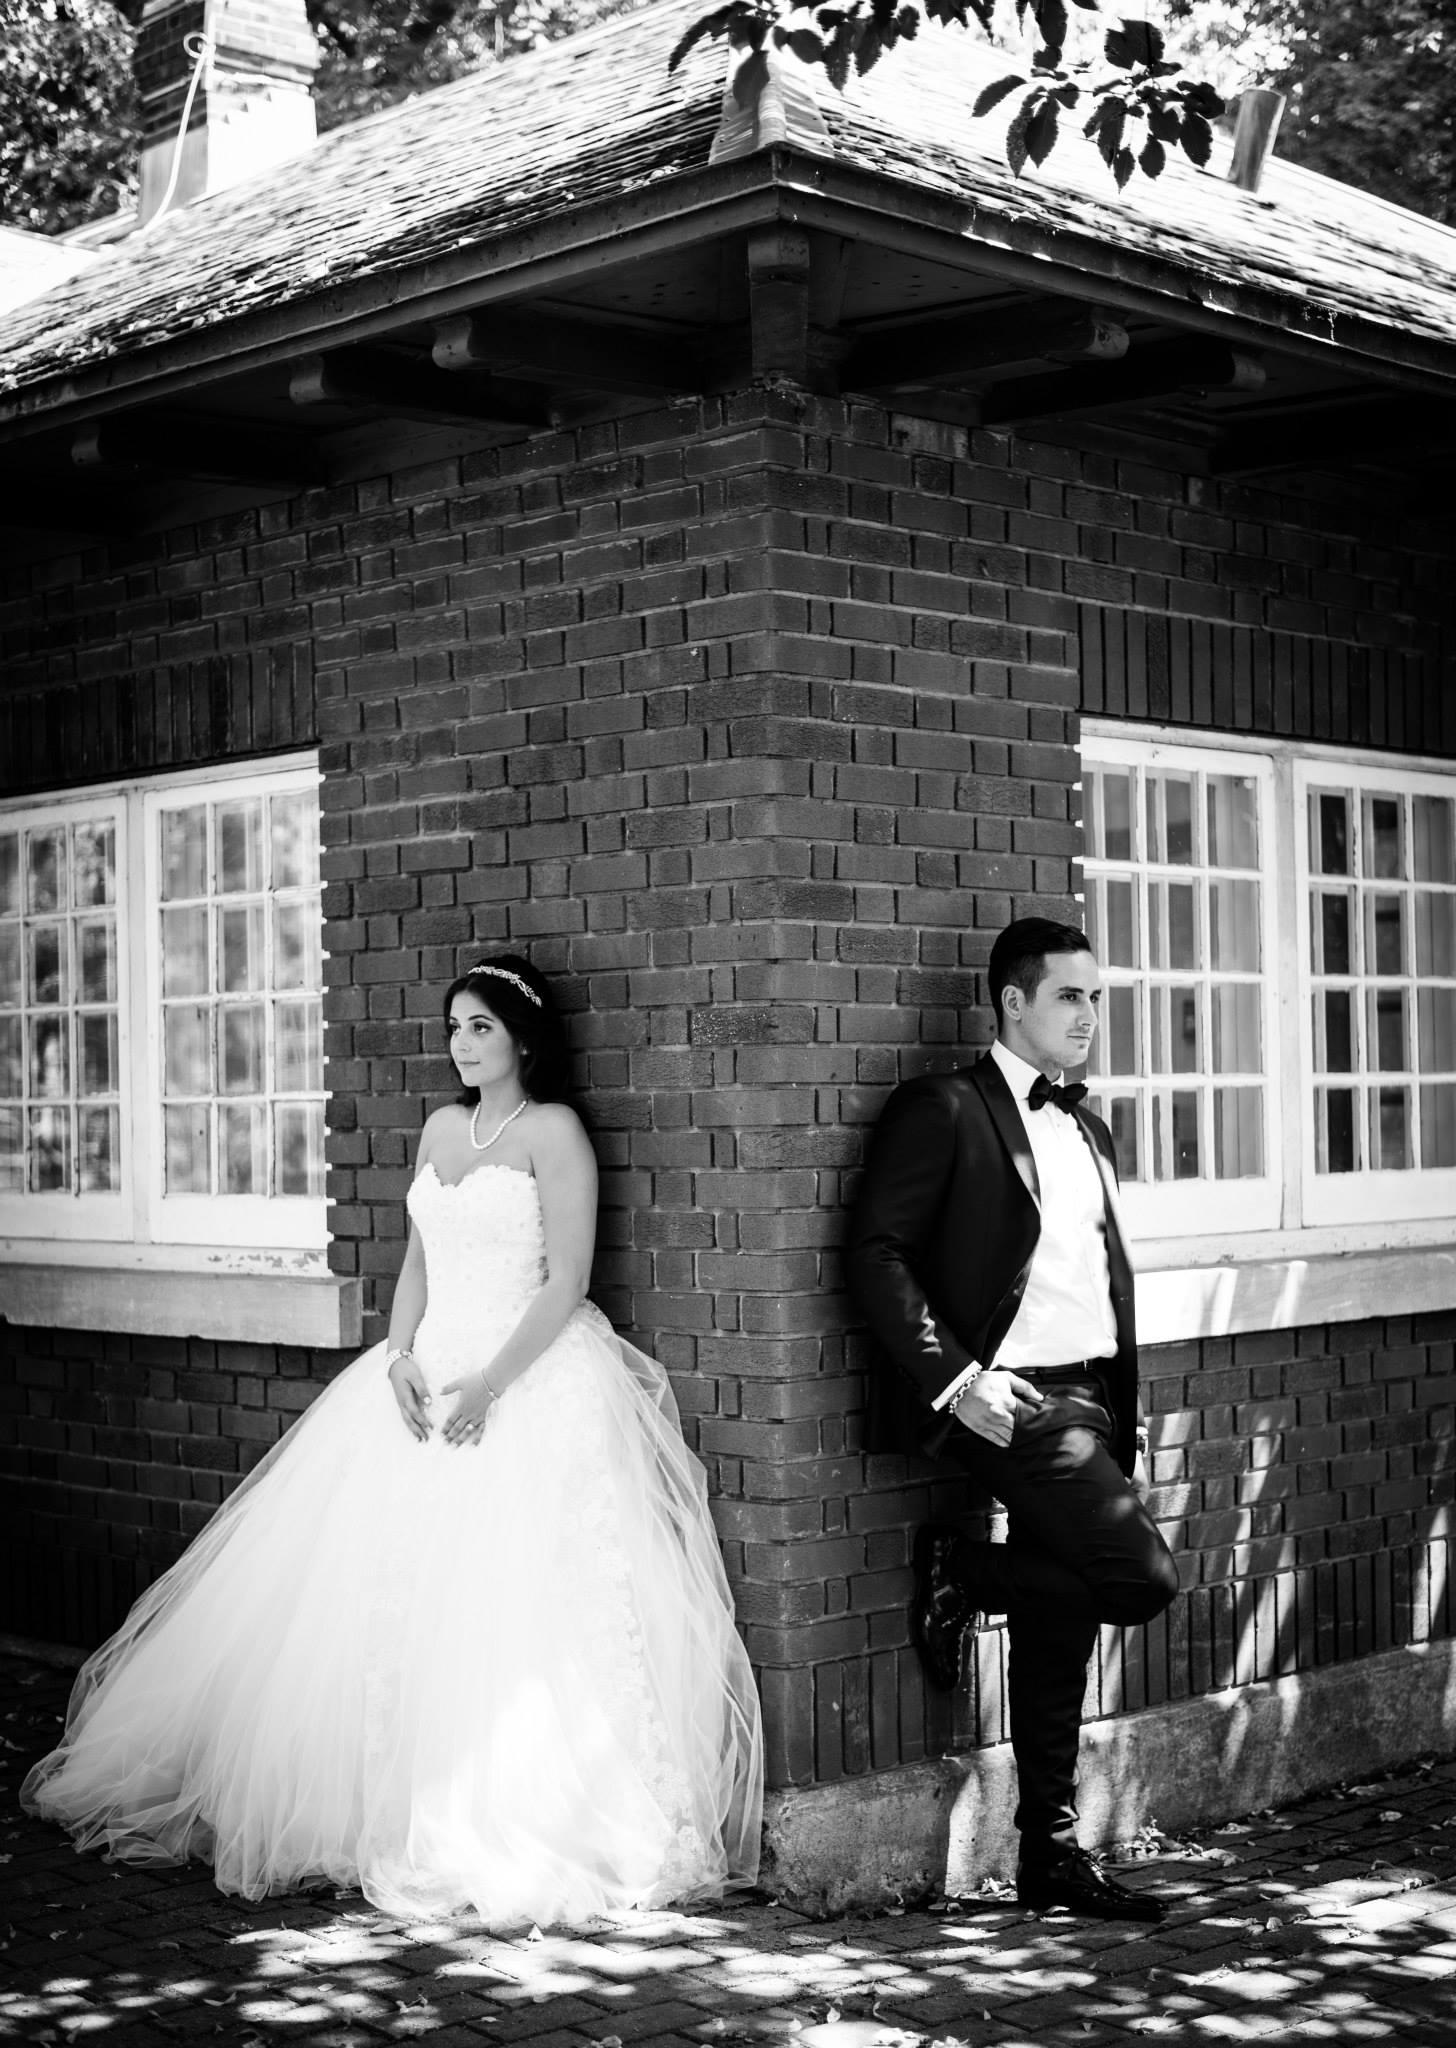 Weddings_Vesia8 (2).jpg